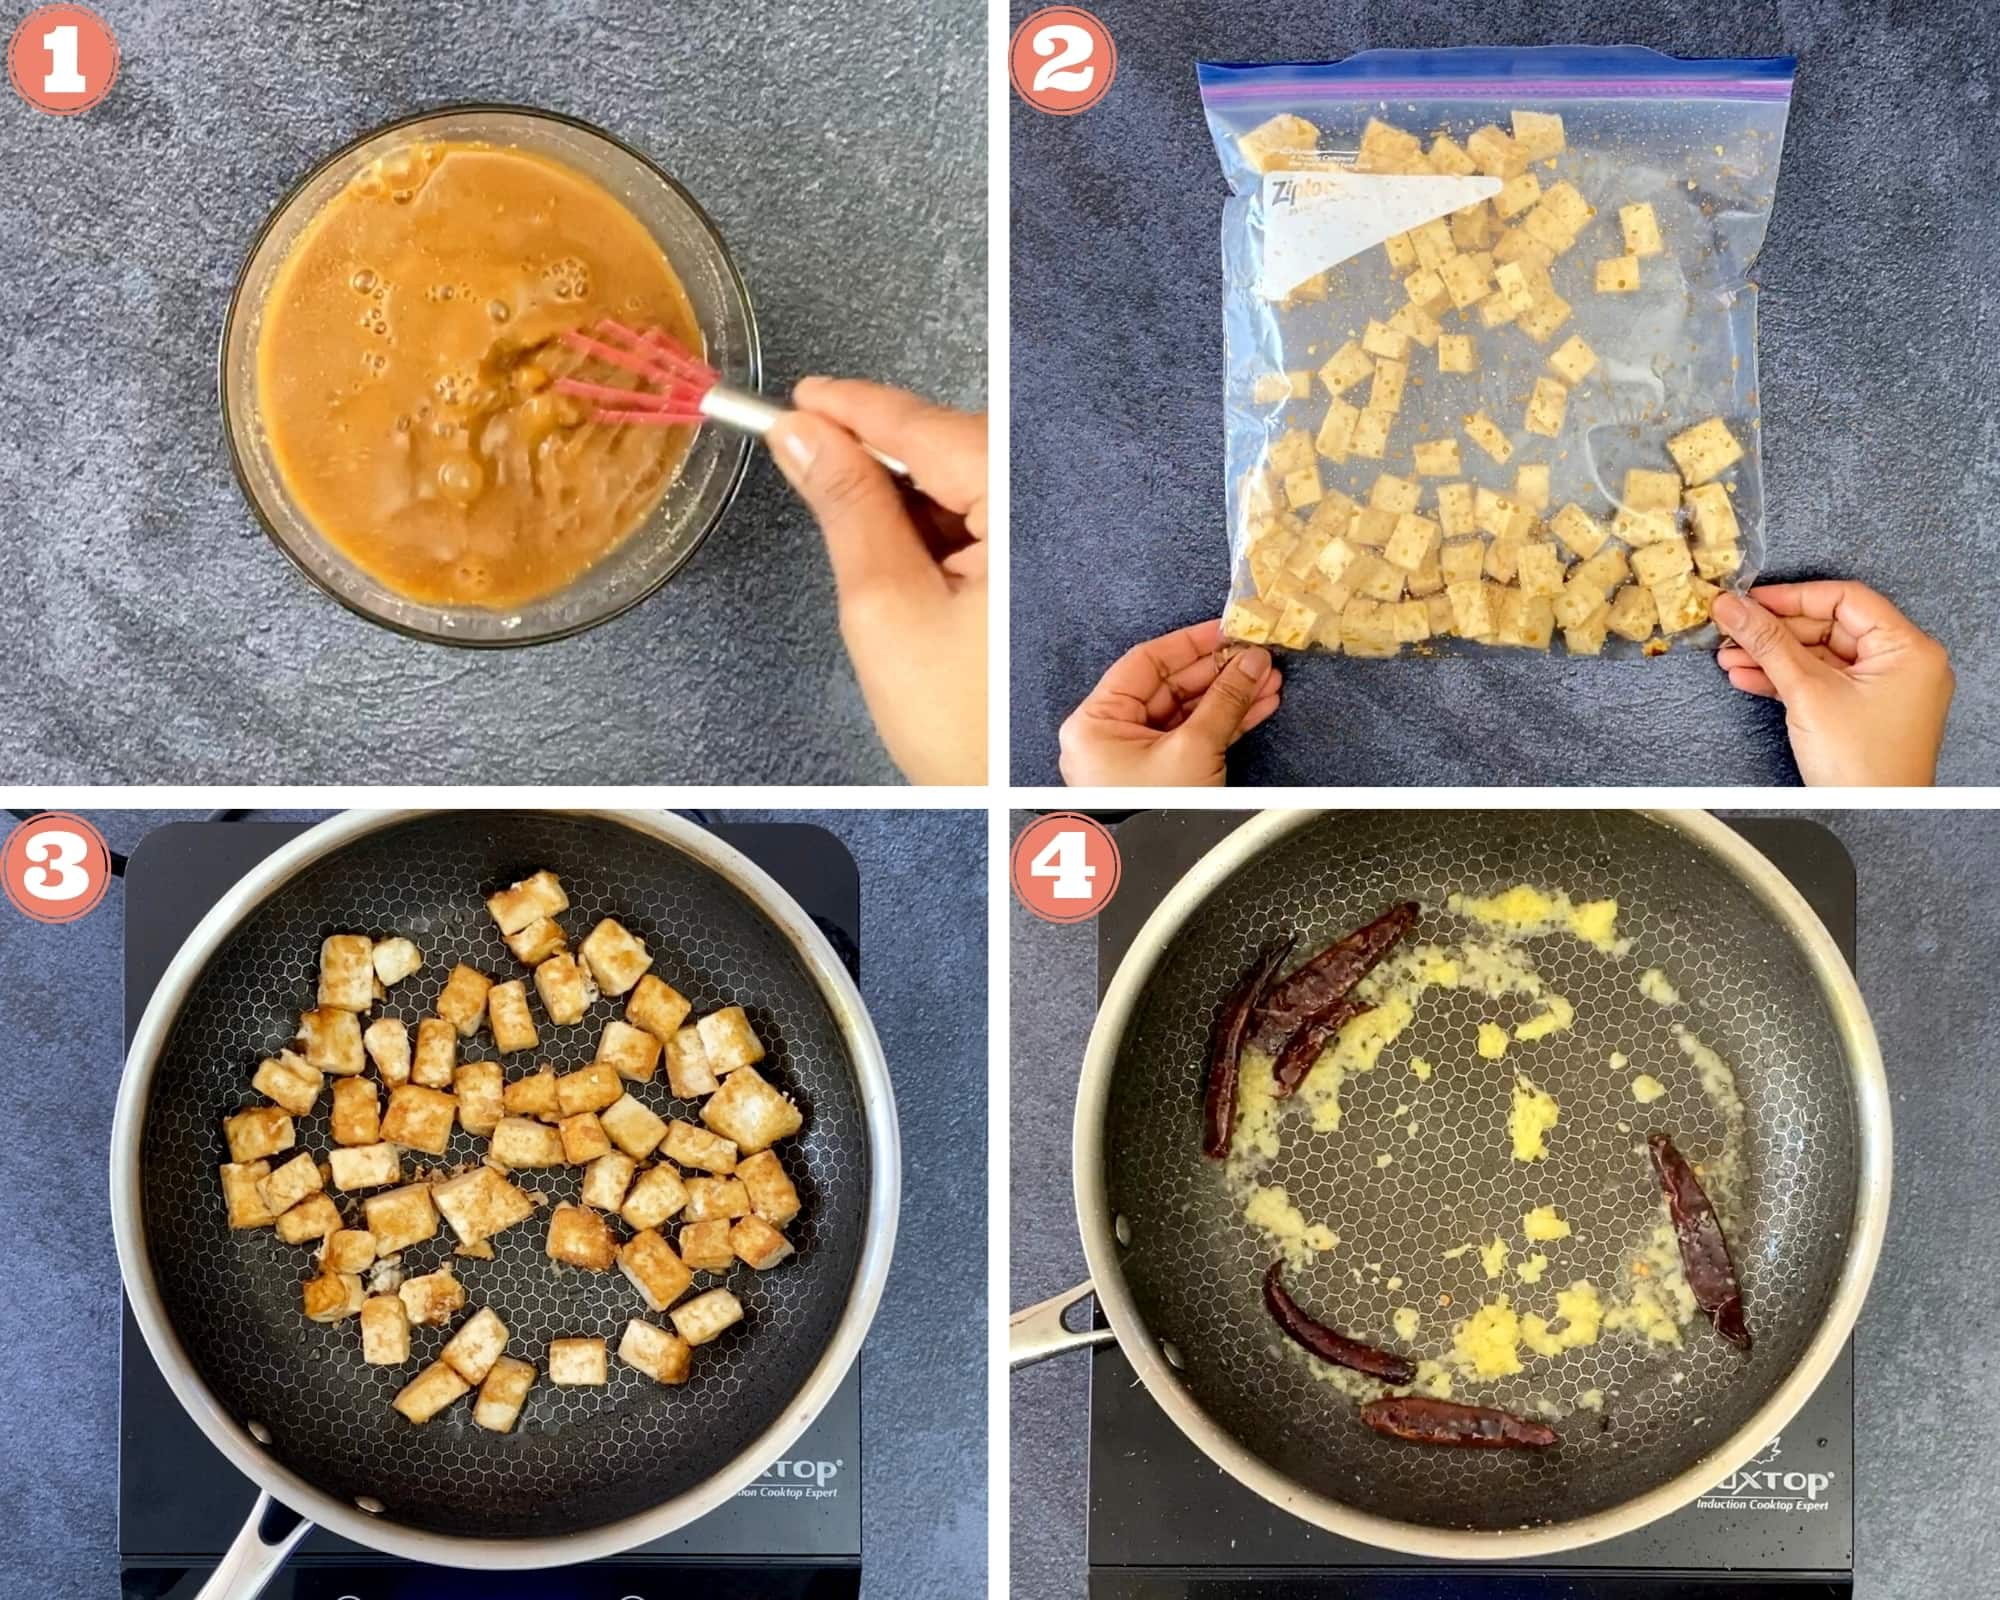 Steps 1-4 to make Kung Pao Tofu